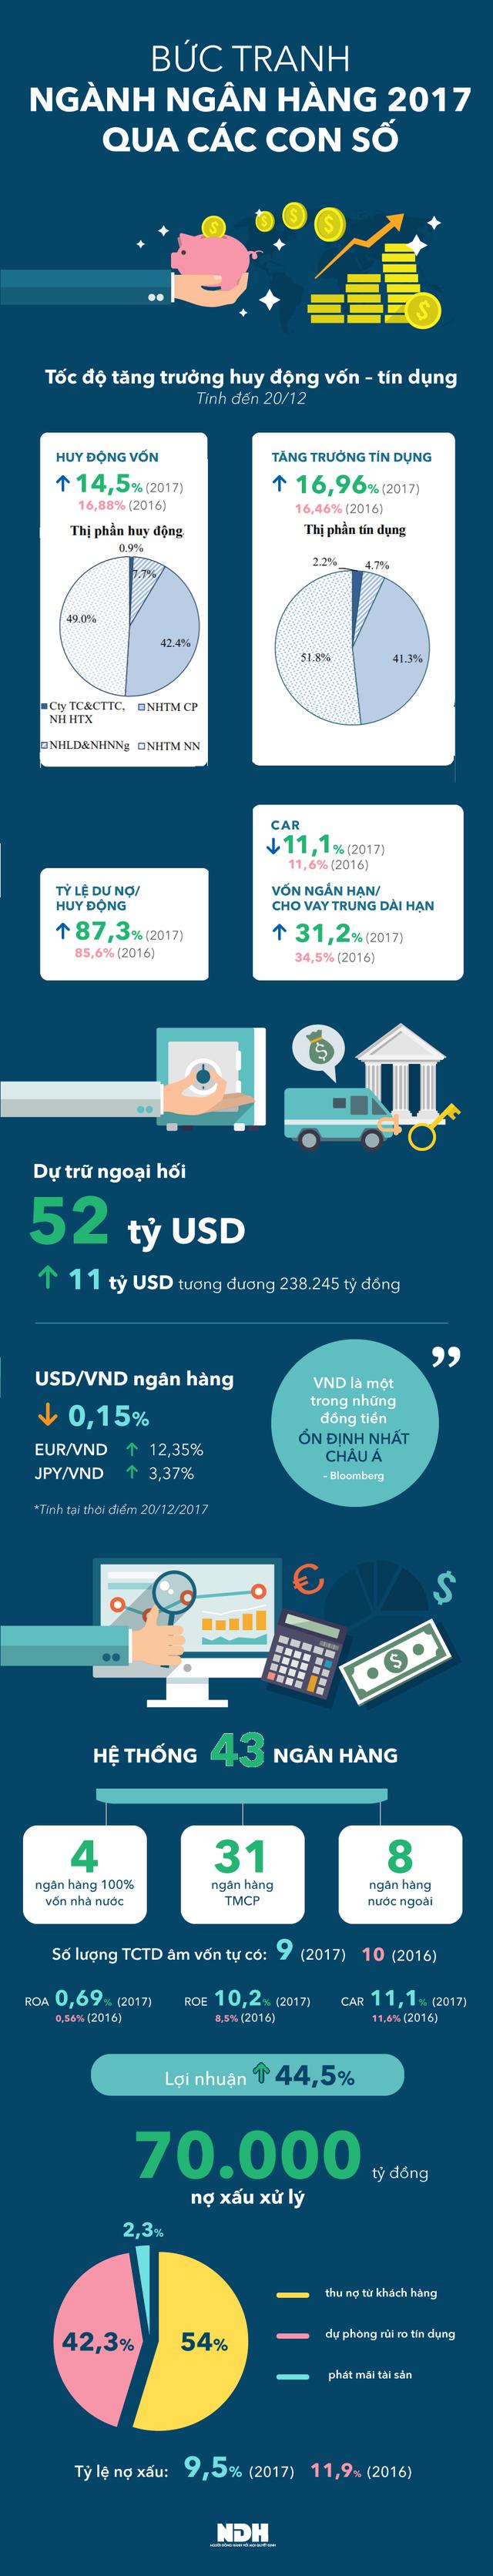 Bức tranh ngành ngân hàng 2017 qua các con số  - Ảnh 1.